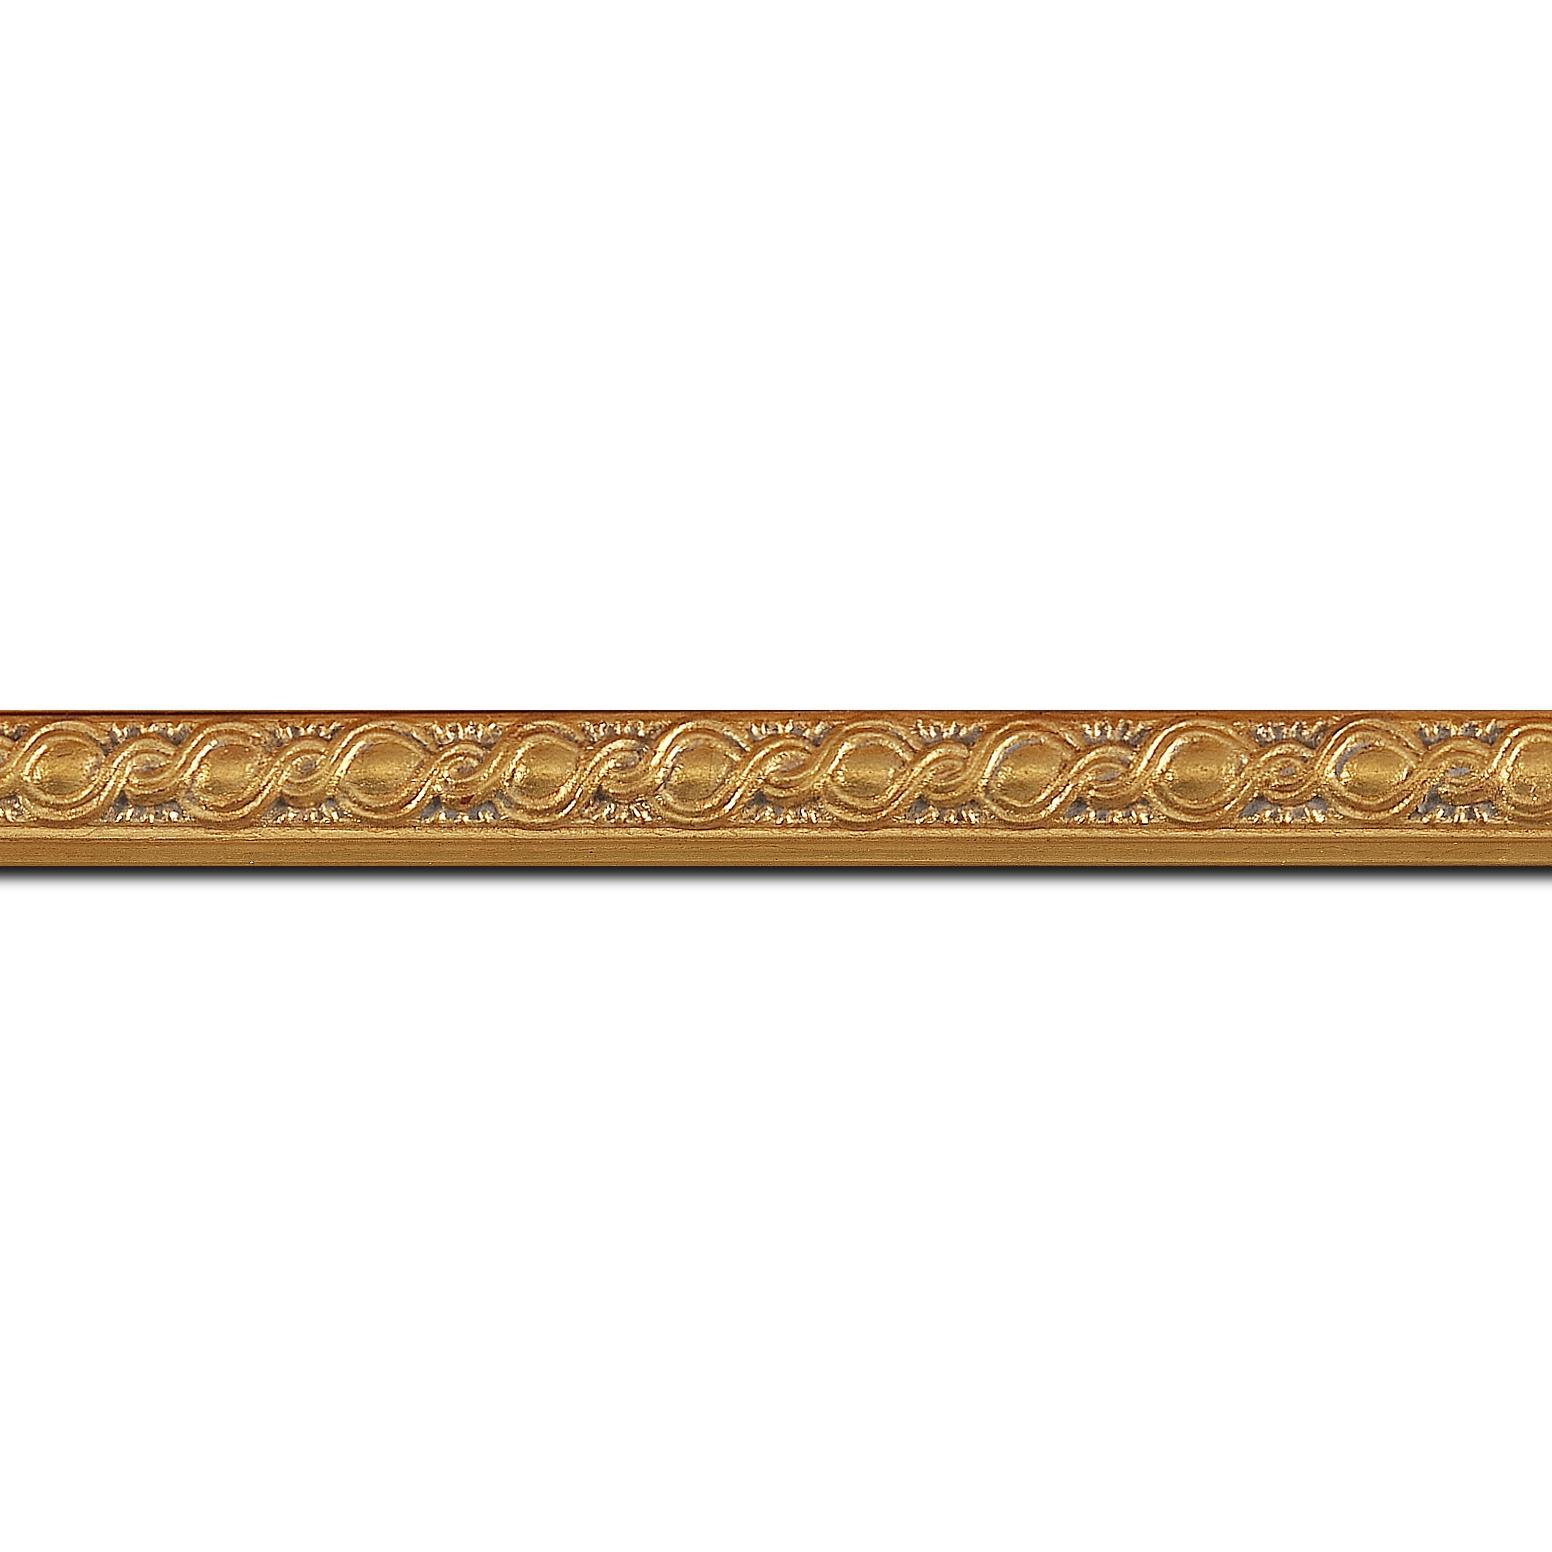 Pack par 12m, bois profil jonc largeur 1.5cm or style décor entrelacé (longueur baguette pouvant varier entre 2.40m et 3m selon arrivage des bois)